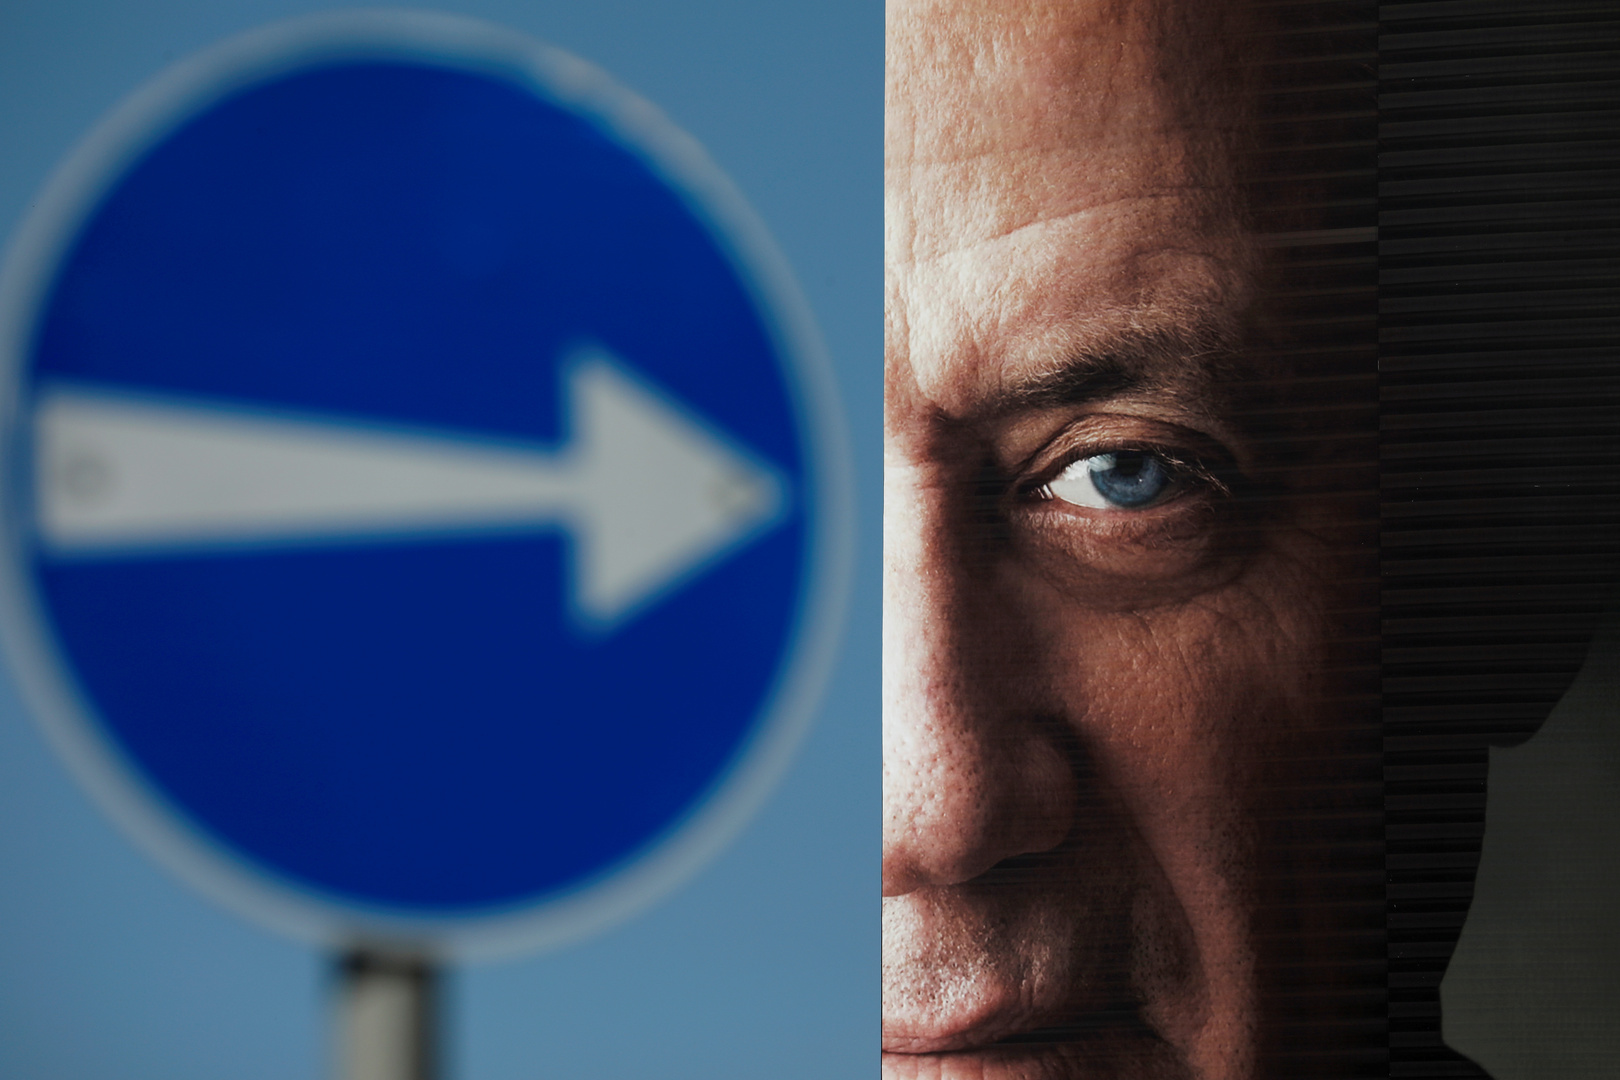 غانتس: إسرائيل لا تقف بالضرورة وراء كل حادث غامض في إيران